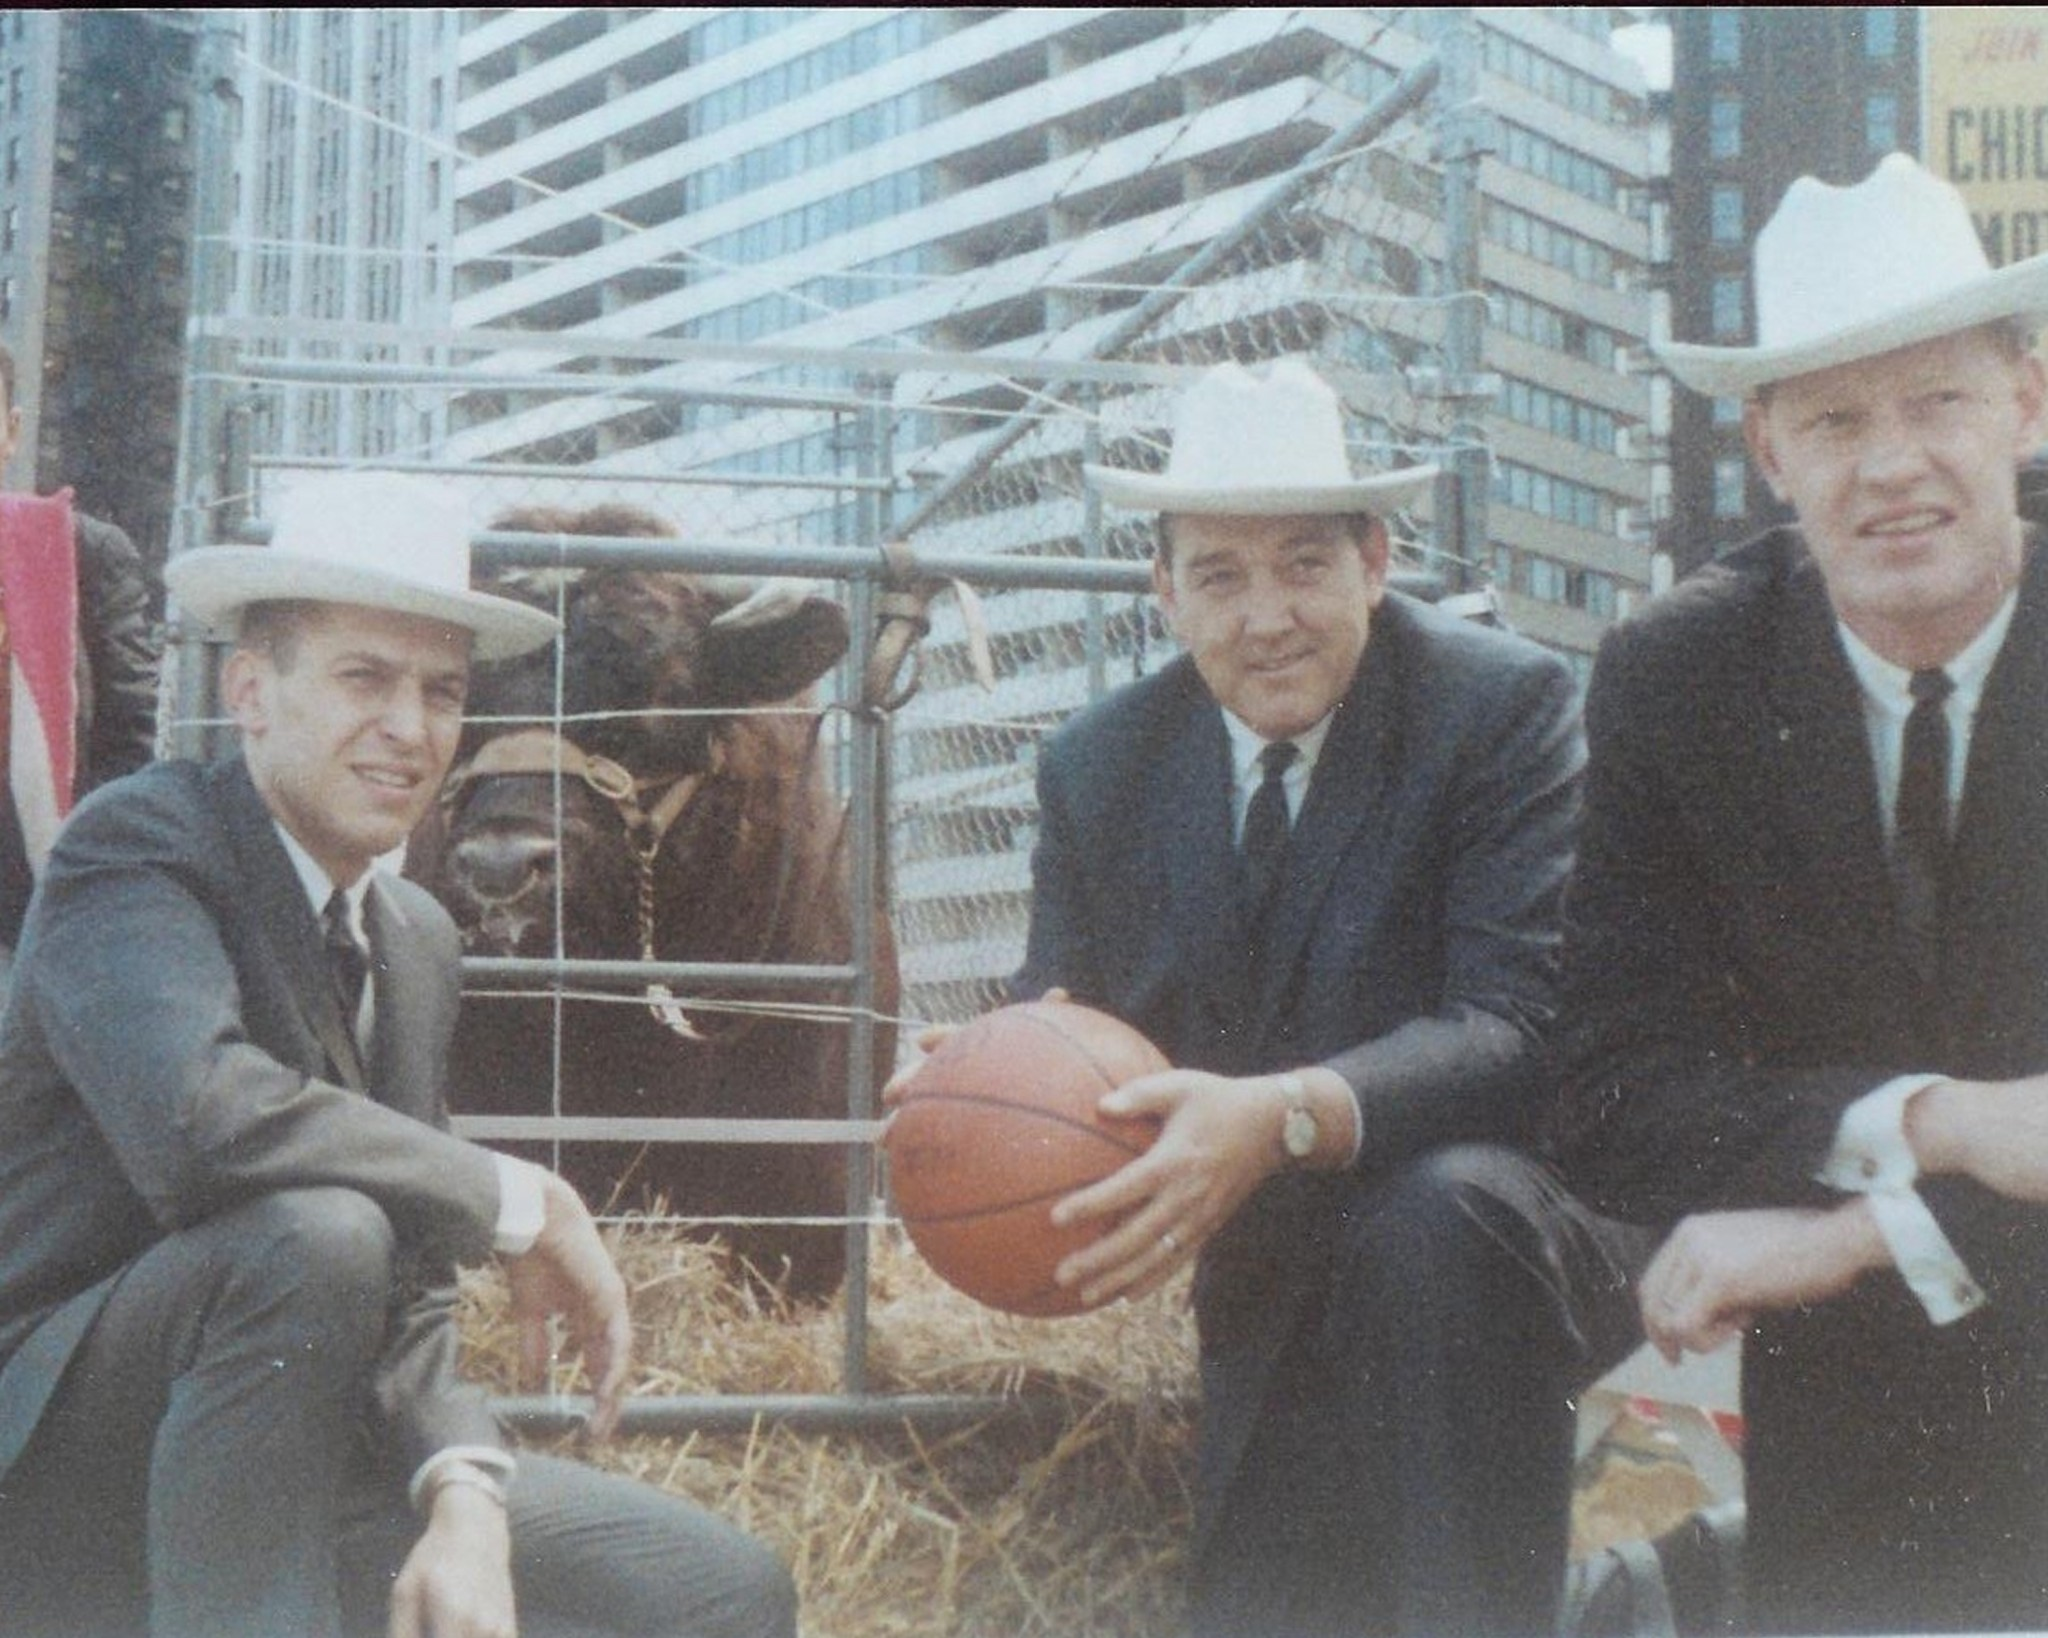 1966-10-XX - Bulls Parade - Colangelo-Klein-Kerr (Yob)